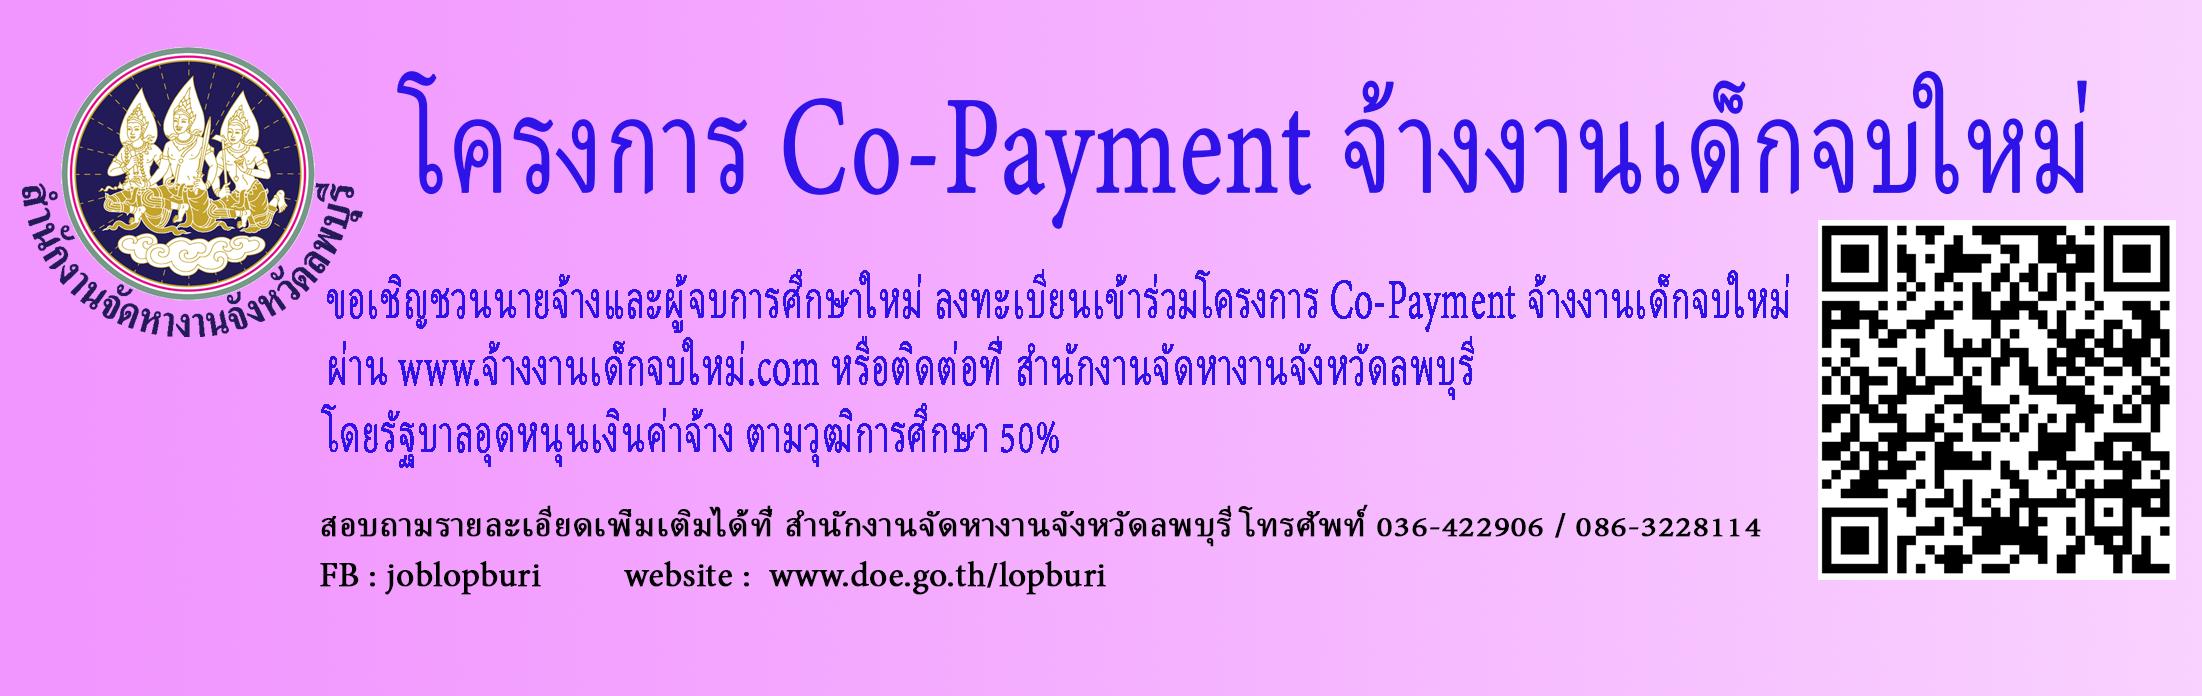 โครงการส่งเสริมการจ้างงานใหม่สำหรับผู้จบการศึกษาใหม่โดยภาครัฐและภาคเอกชน (Co-payment)